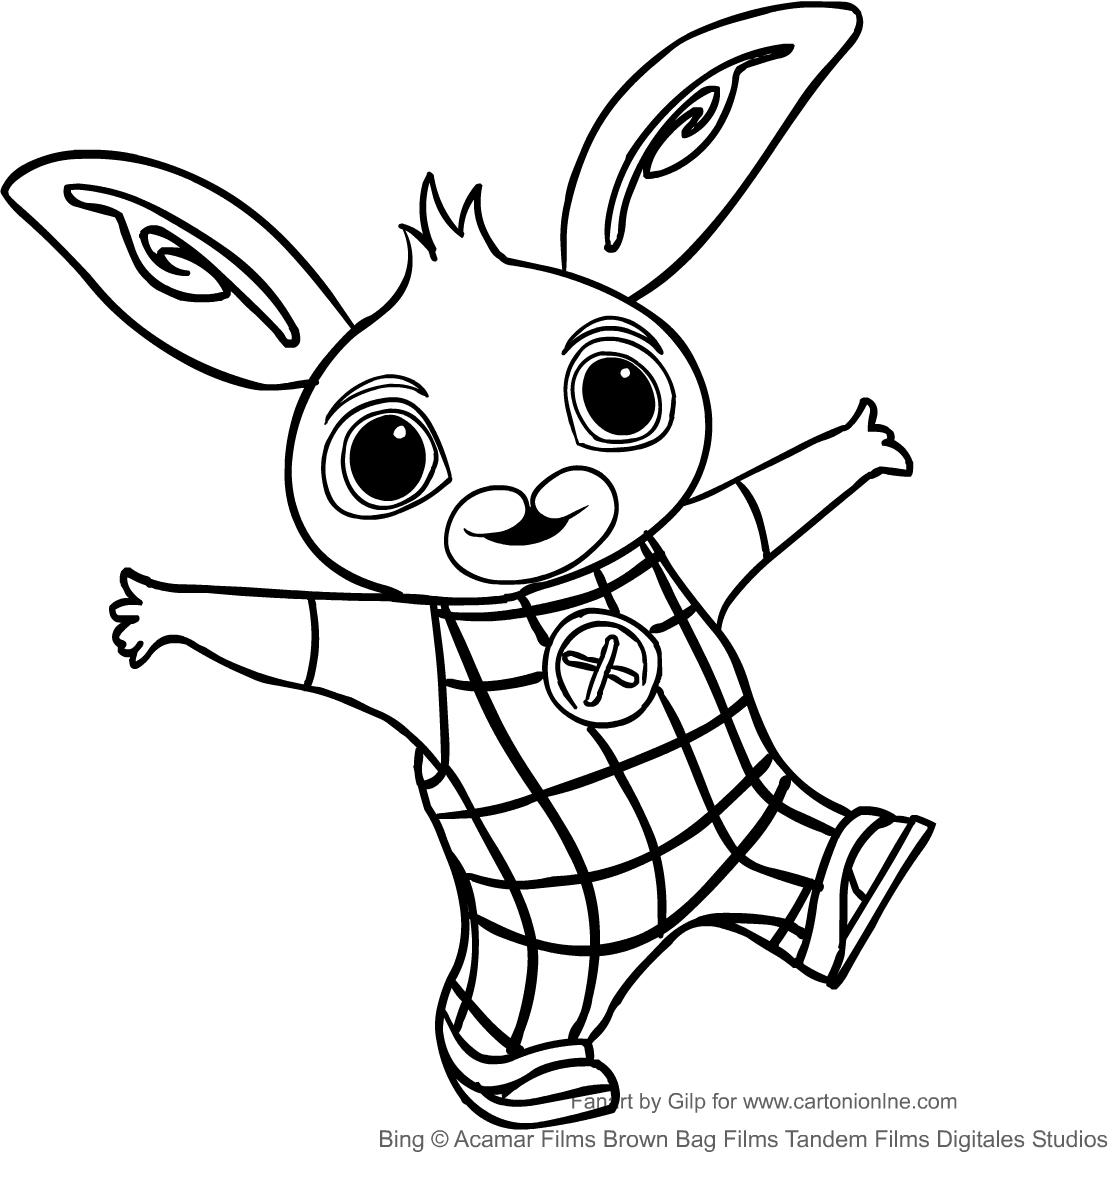 Disegno di bing il coniglio da colorare for Coniglio disegno per bambini